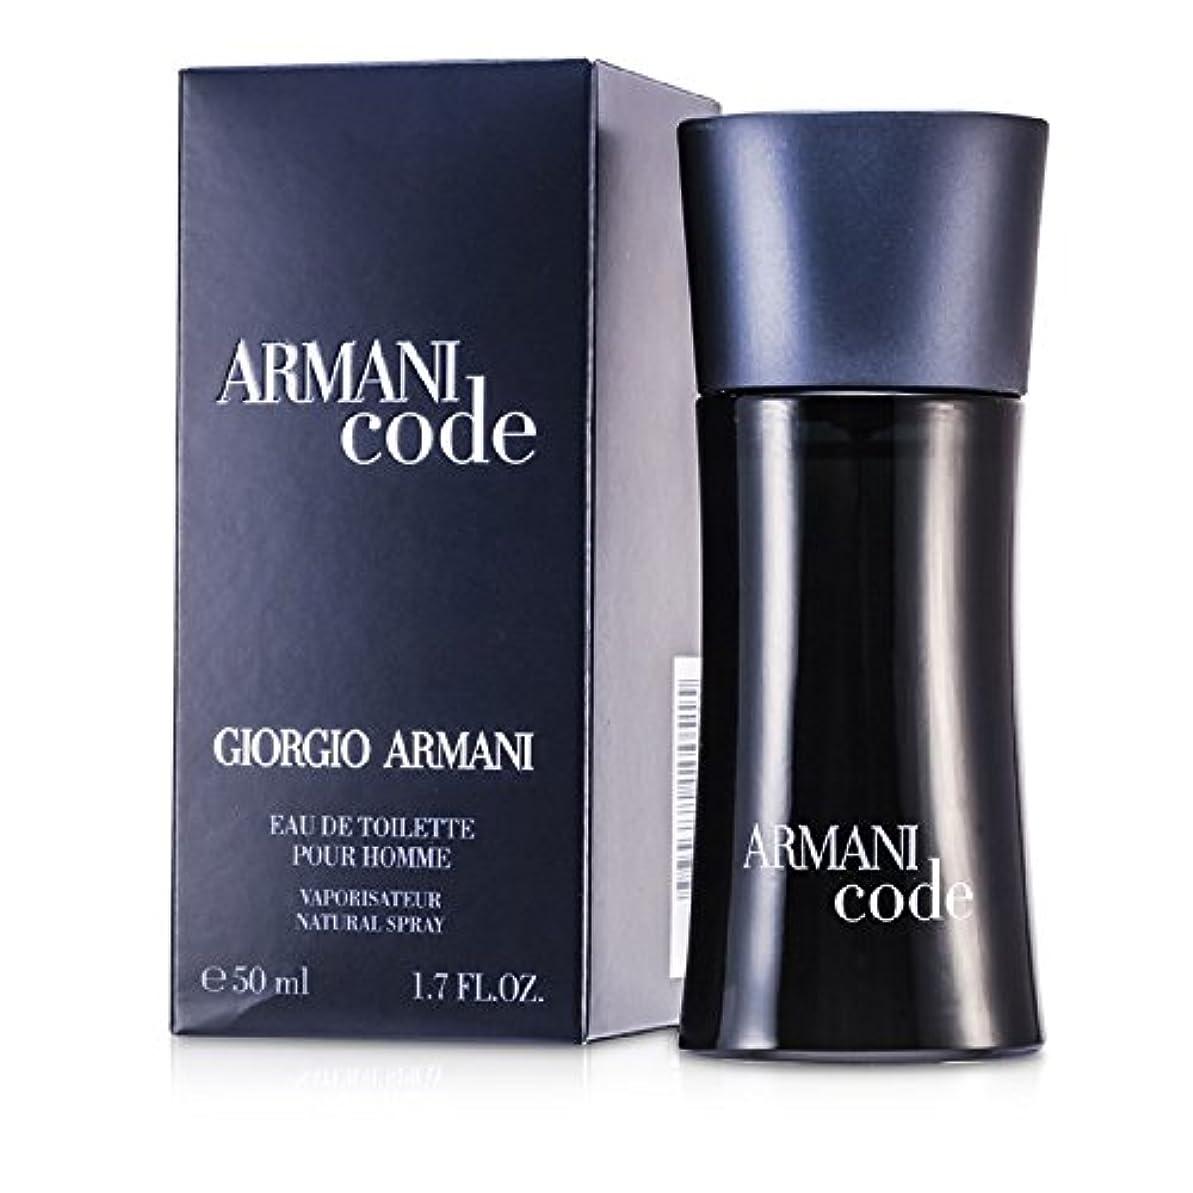 ジョルジオアルマーニ アルマーニ コード EDTスプレー 50ml/1.7oz並行輸入品